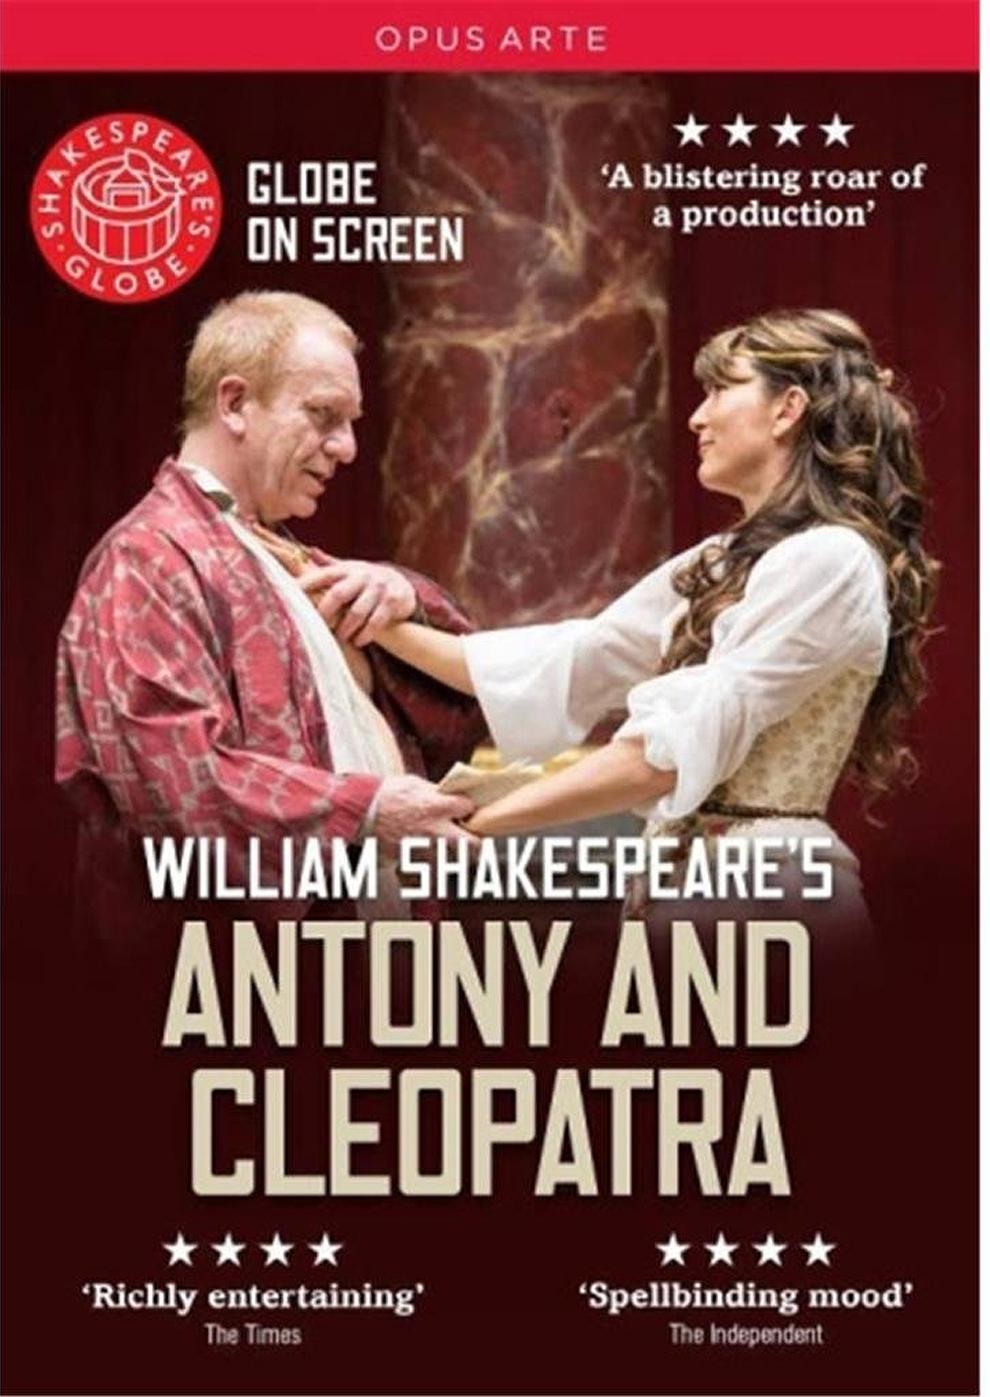 Antony and Cleopatra (Poster)